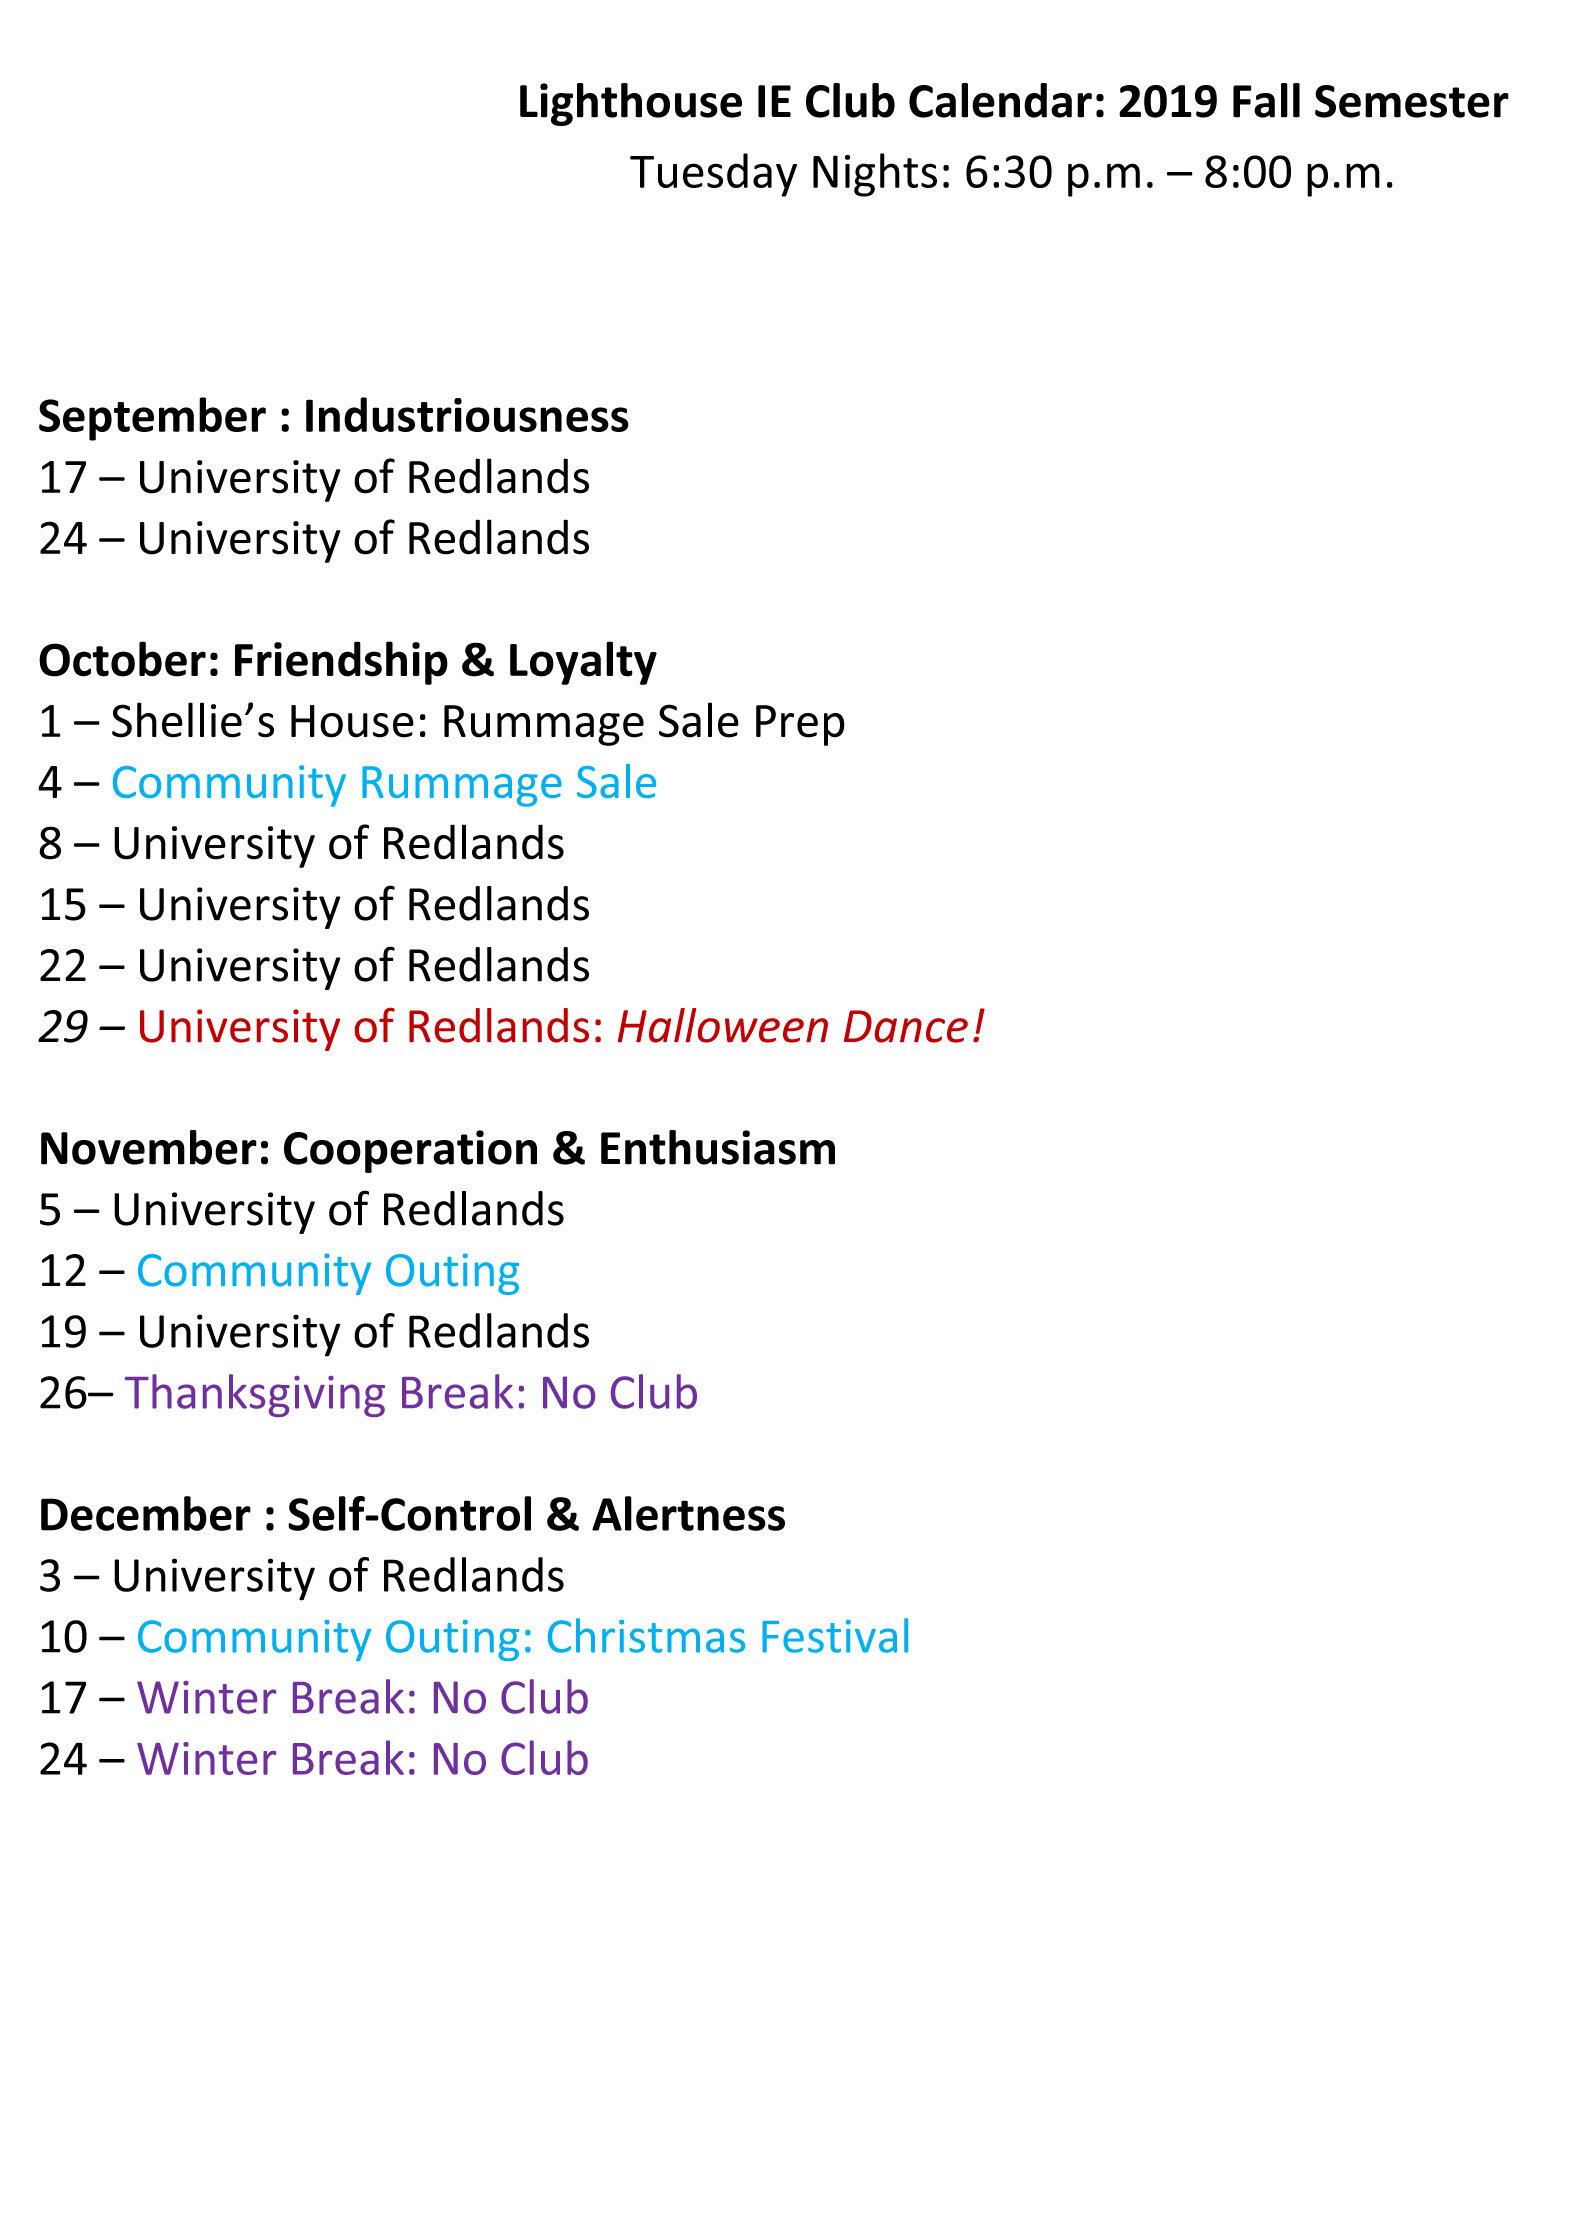 Lighthouse IE Club Fall Calendar copy.jpg